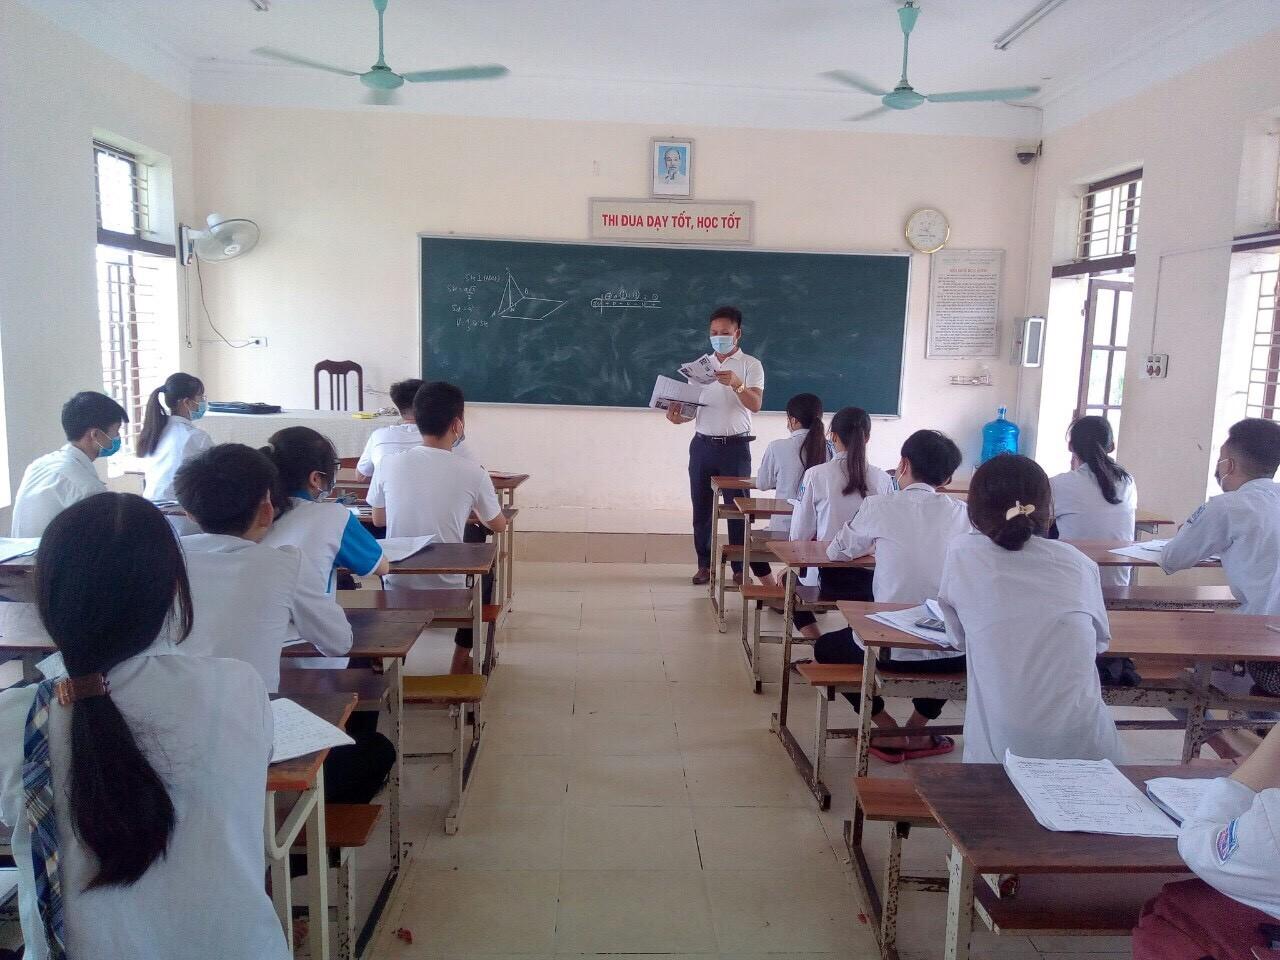 VNAS đồng hành cùng Ban giám hiệu trường  THPT  Hưng Nhân, huyện Hưng Hà, tỉnh Thái Bình trong công tác hướng nghiệp, giới thiệu các vị trị việc làm trong ngành hàng không